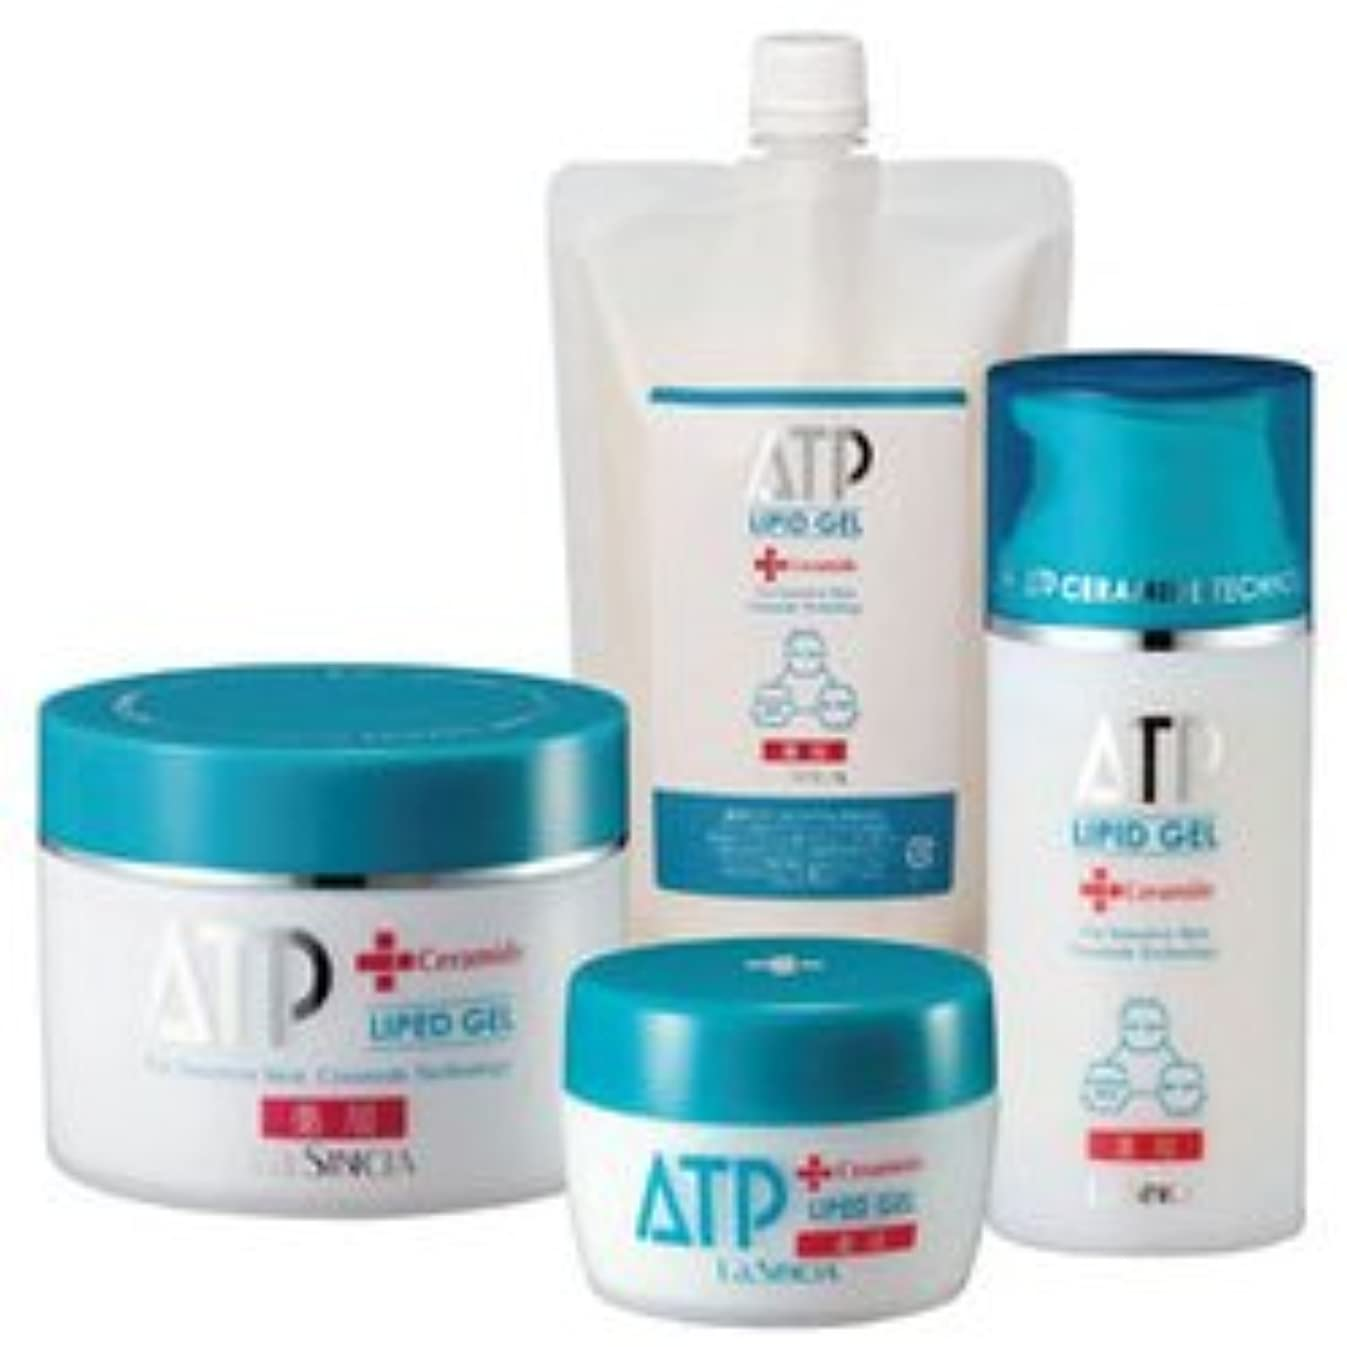 寺院援助起こるラシンシア 薬用 ATP リピッドゲル 400g 詰替用